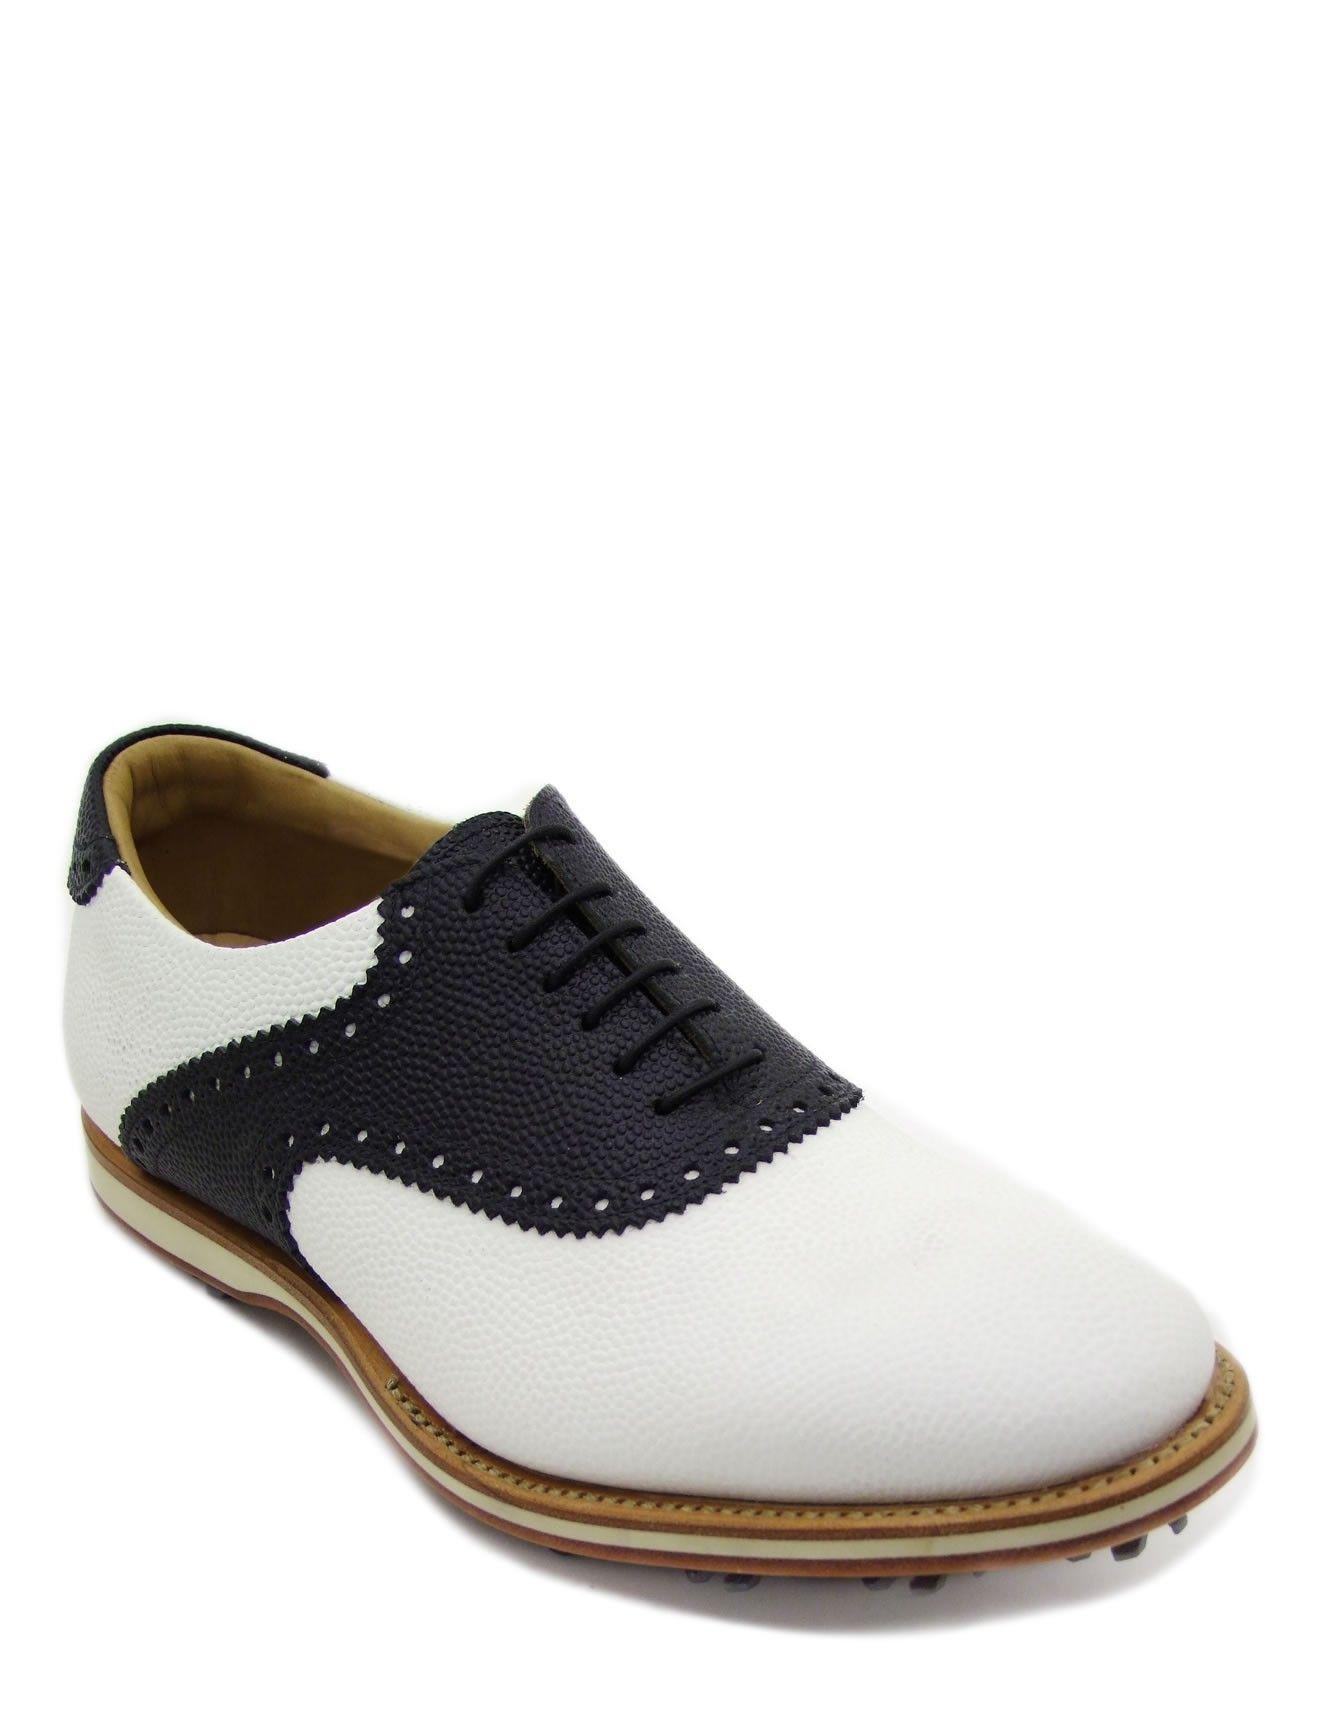 Il gergo - Collezione Luxury - Scarpa bicolore da golf liscia 768c718a779